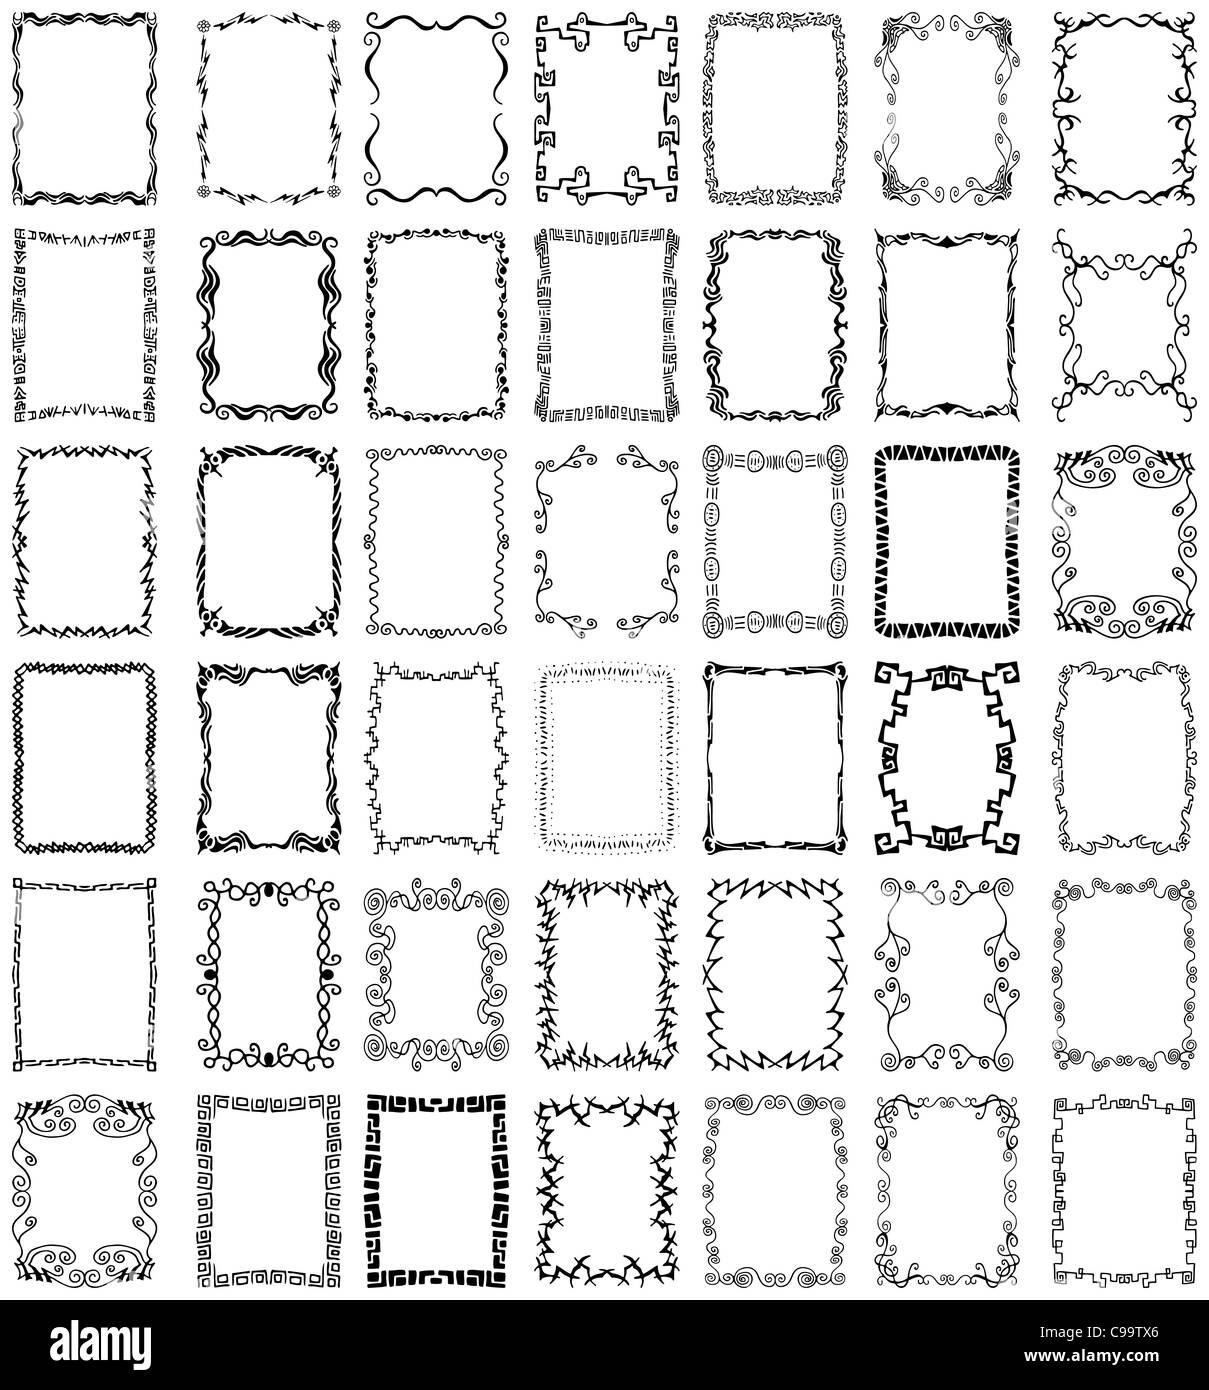 Eine Sammlung von mehr als 40 einzigartige, handgezeichnete Ränder ...